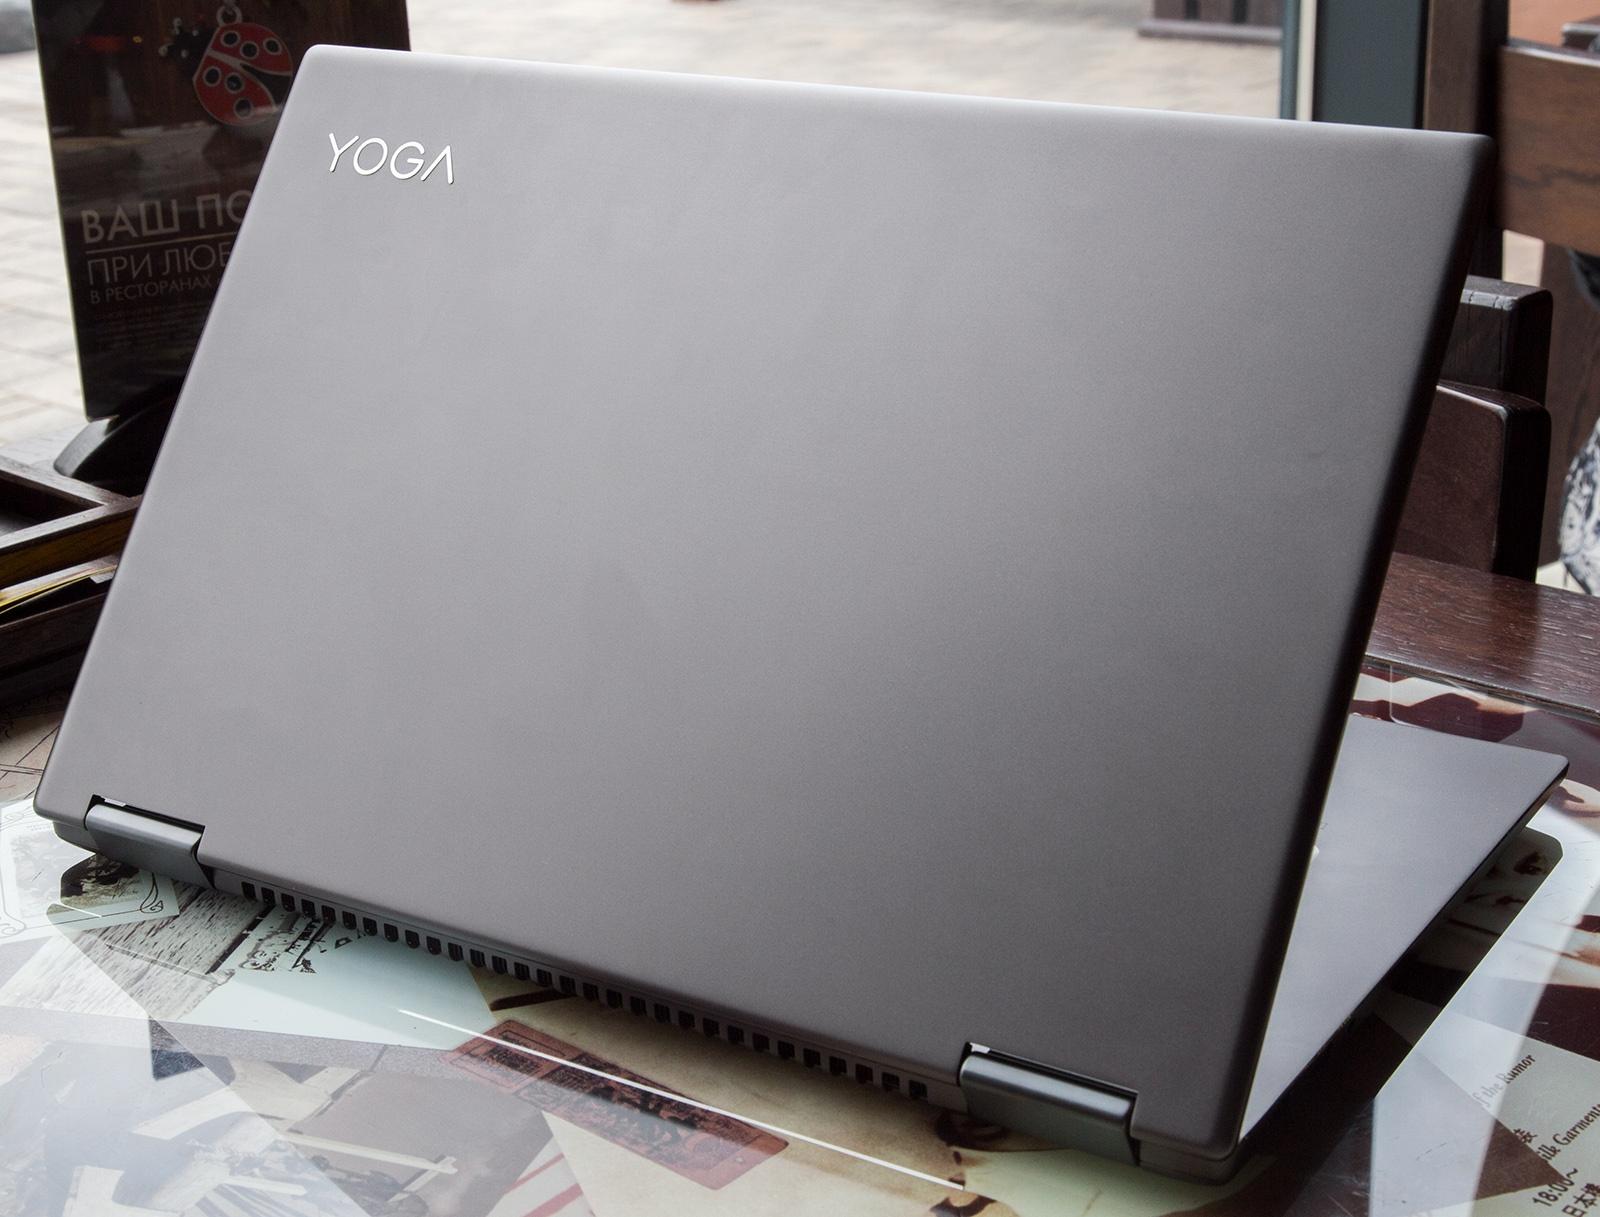 Универсальный Йог. Обзор ноутбука-трансформера Lenovo Yoga 720 - 2